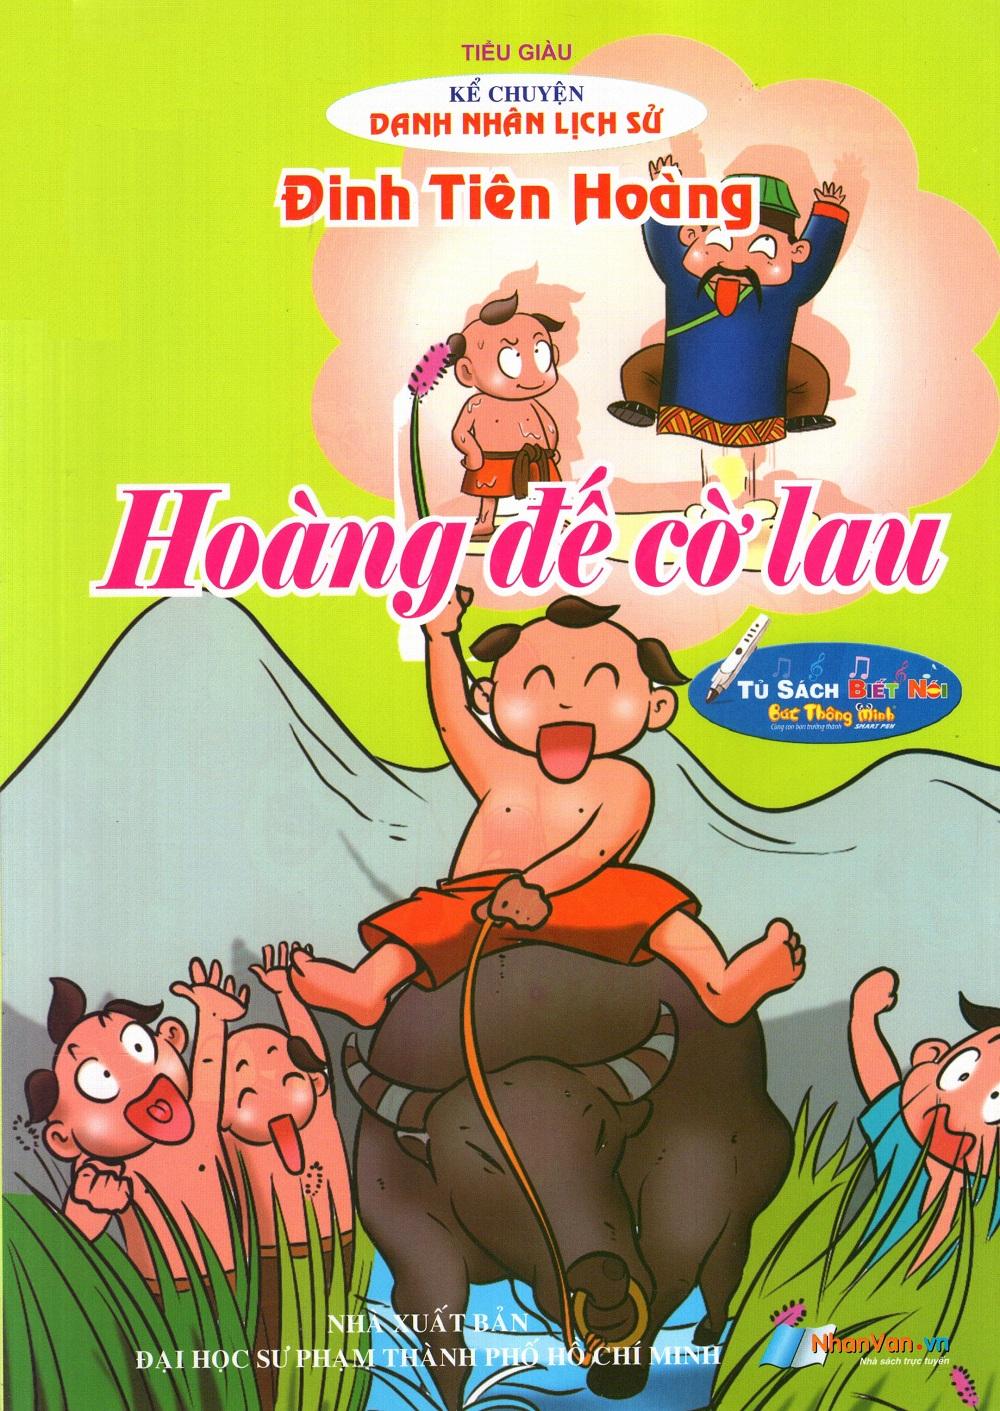 Bìa sách Kể Chuyện Danh Nhân Lịch Sử: Đinh Tiên Hoàng - Hoàng Đế Cờ Lau